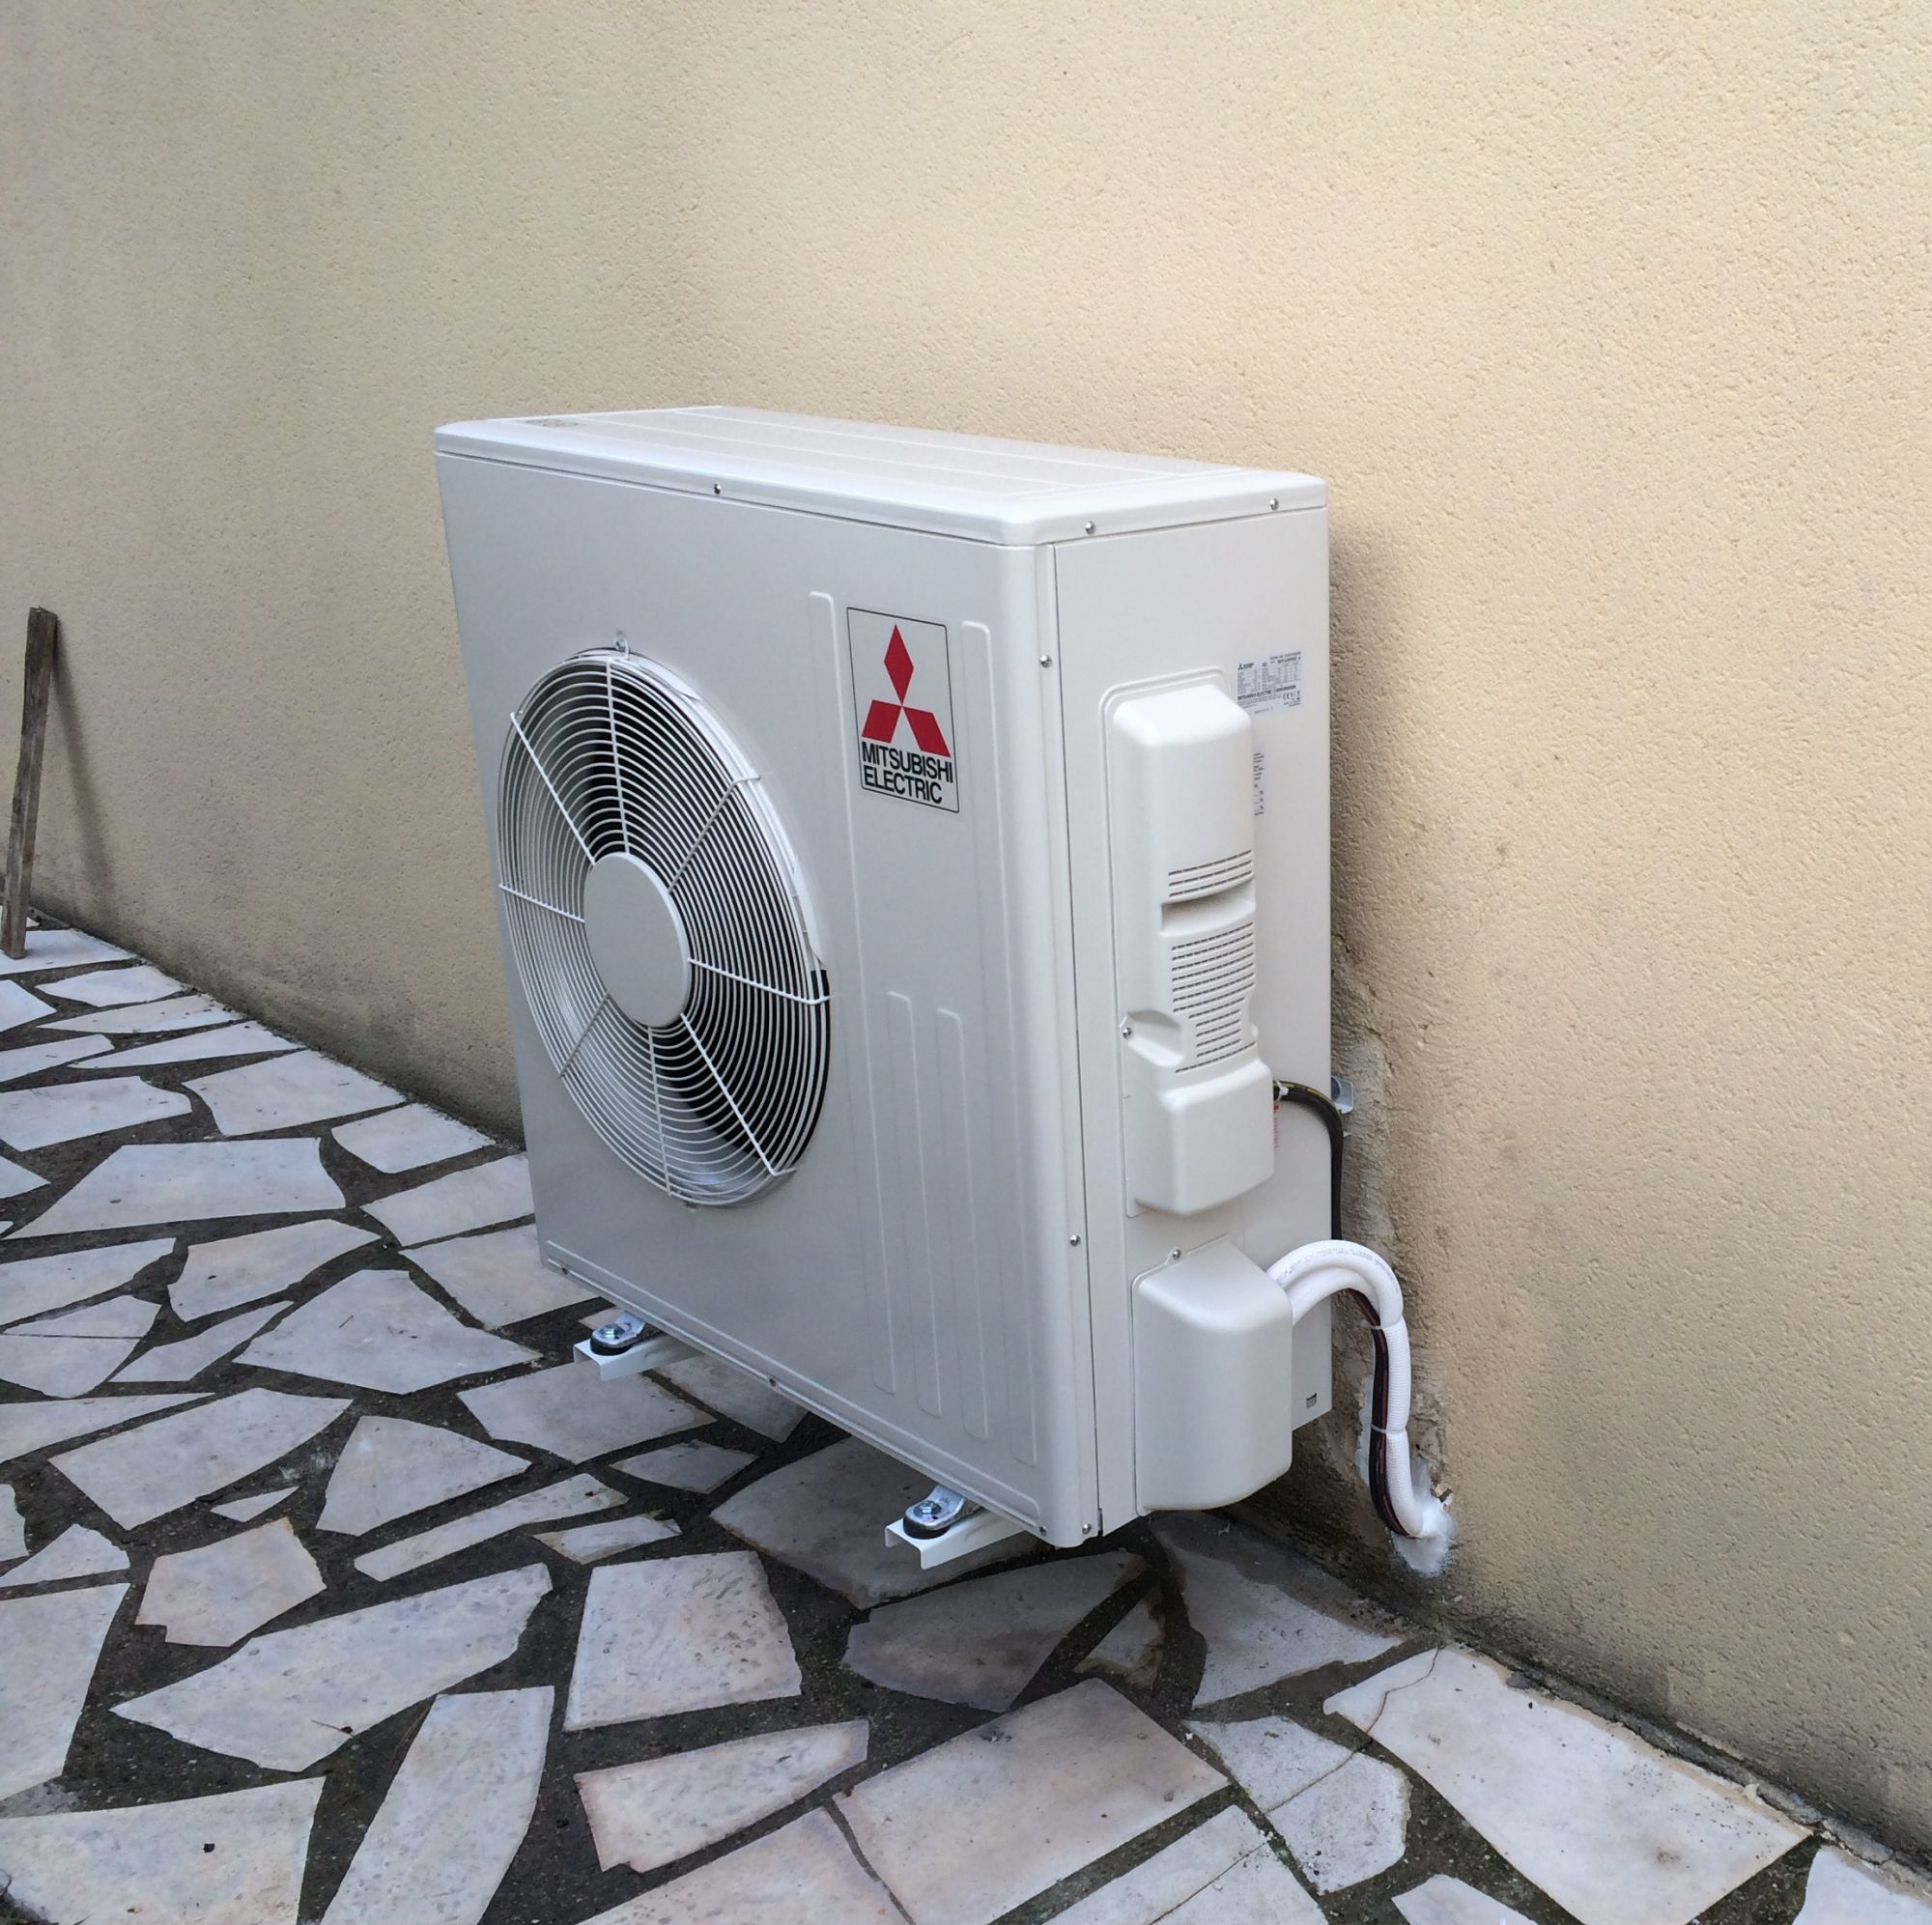 Implantation d 39 une pompe chaleur air air dans une maison - Pompe a chaleur maison ...